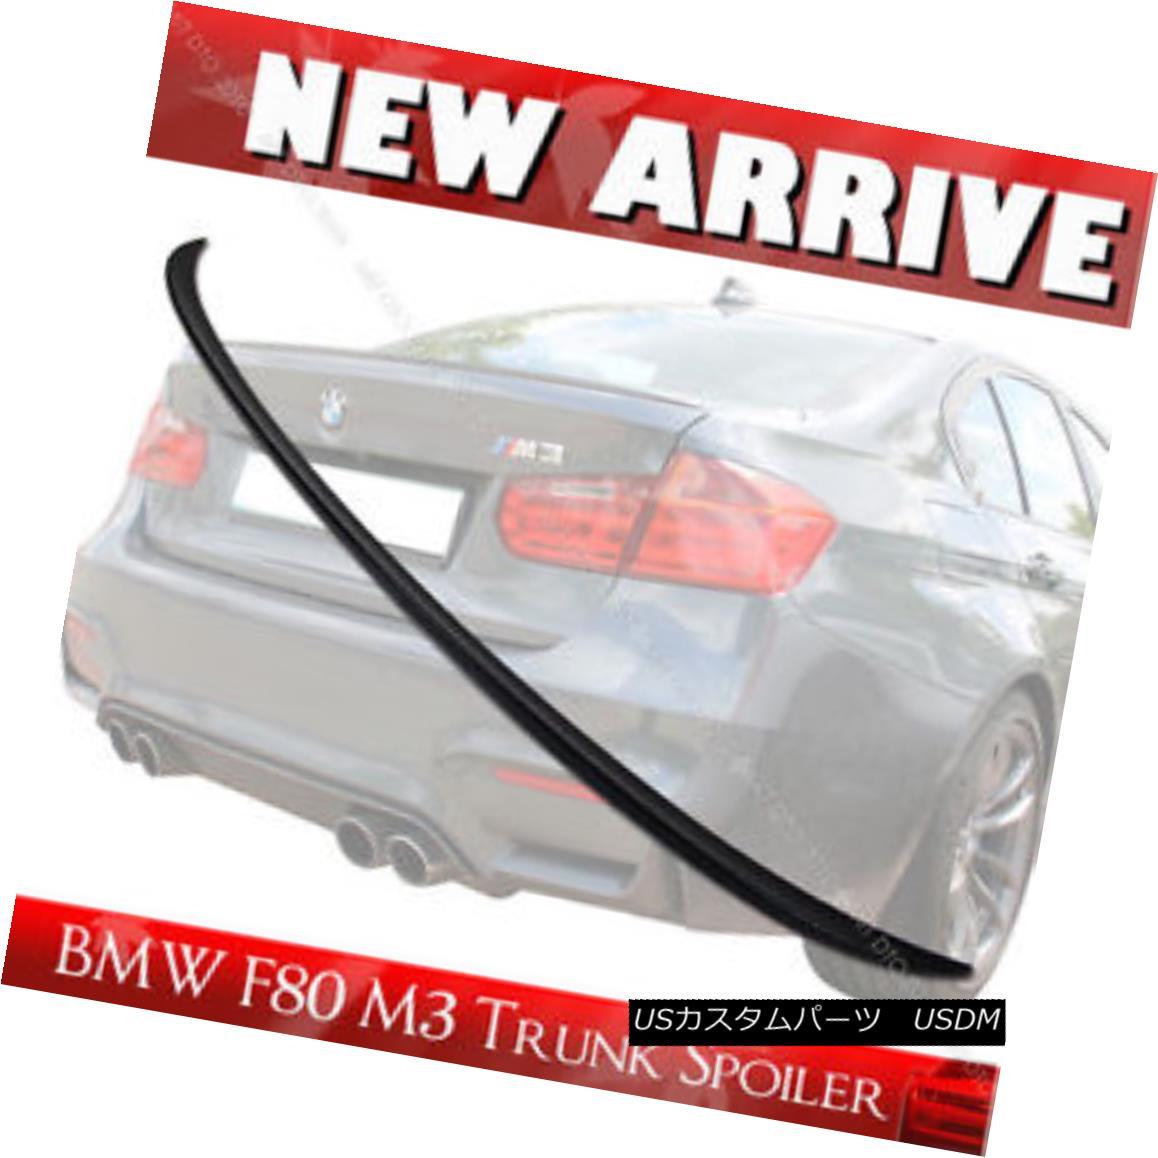 エアロパーツ Unpainted M3-Type ABS Rear Trunk Lip Spoiler for BMW F30 F80 M3 Model 2014+ 未塗装M3タイプABSリアトランクリップスポイラー(BMW F30 F80 M3モデル2014+用)